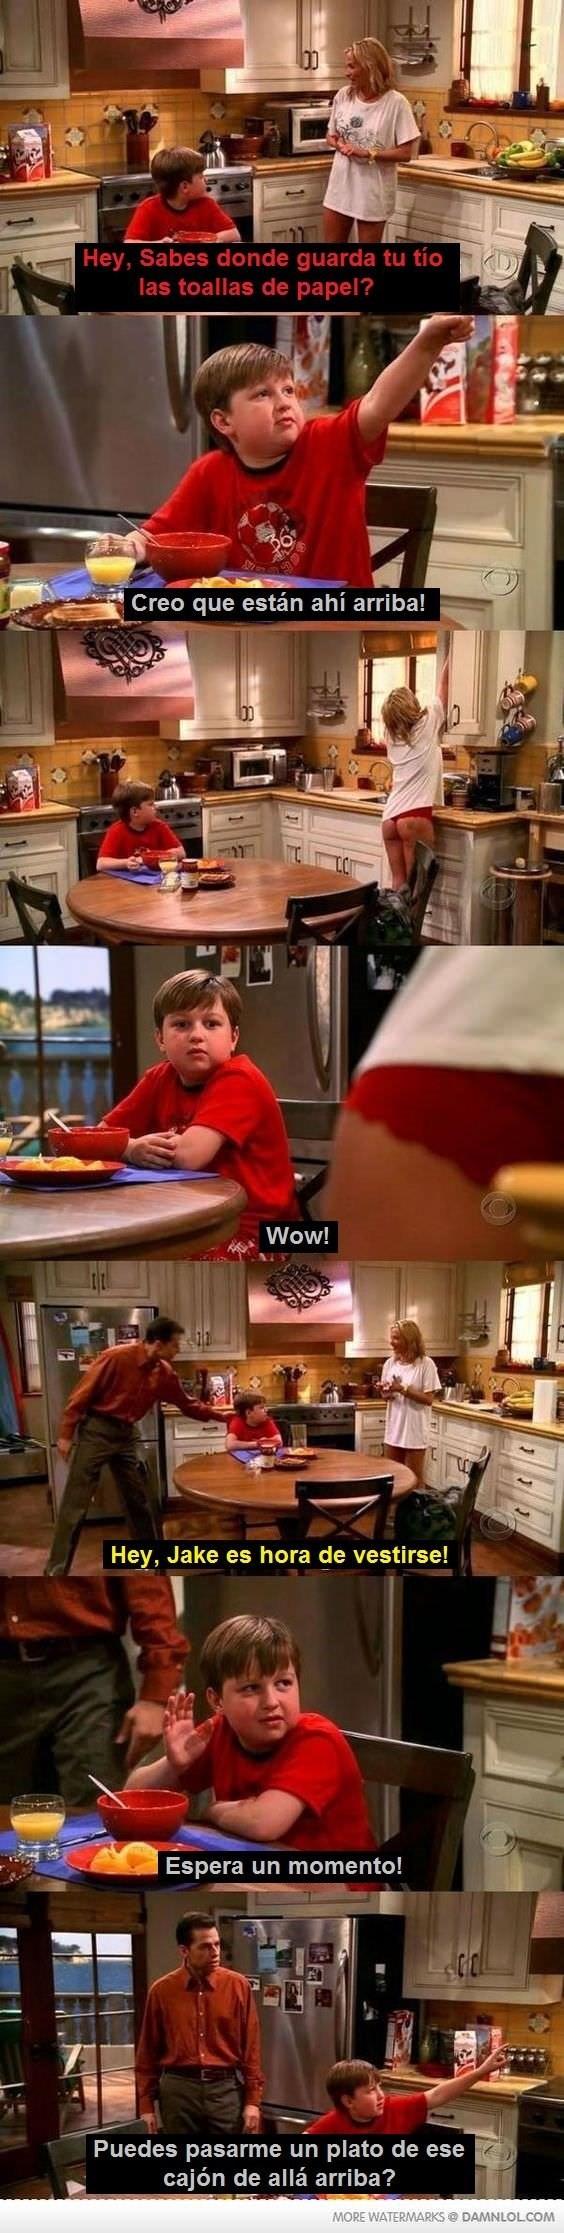 escena de hombres en donde el nino le pide a una chica que le alcance un plato